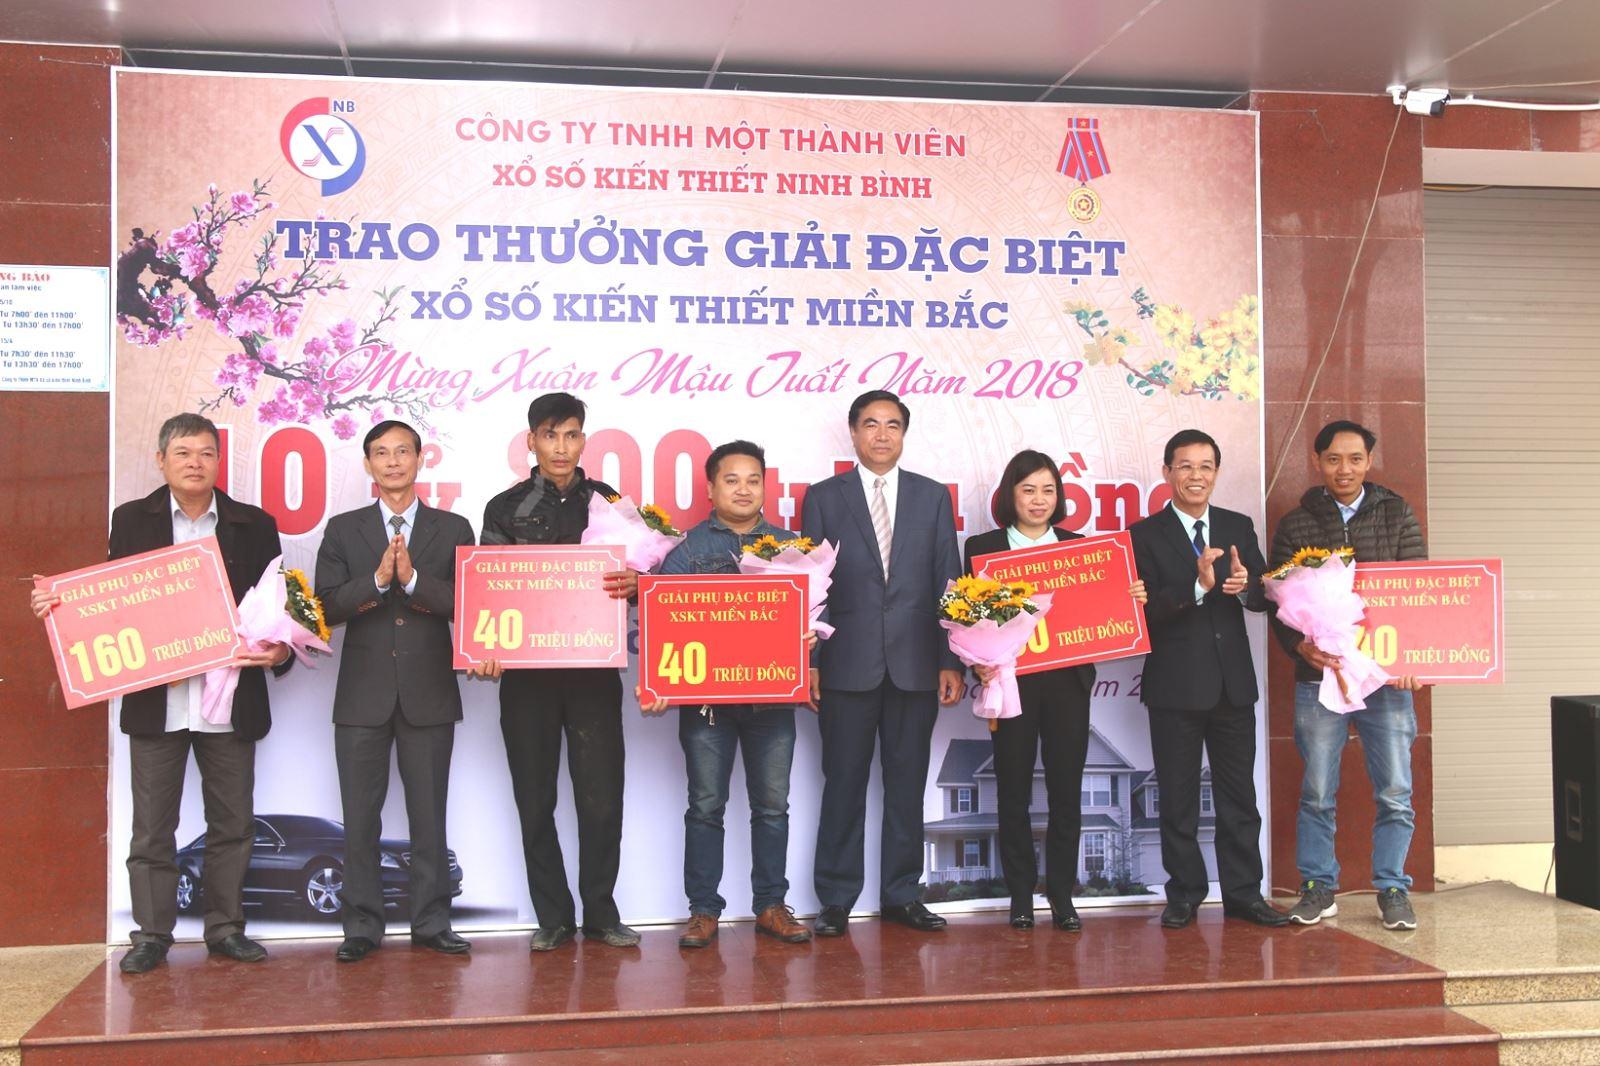 Trao thưởng giải đặc biệt XSKT miền Bắc tại Ninh Bình